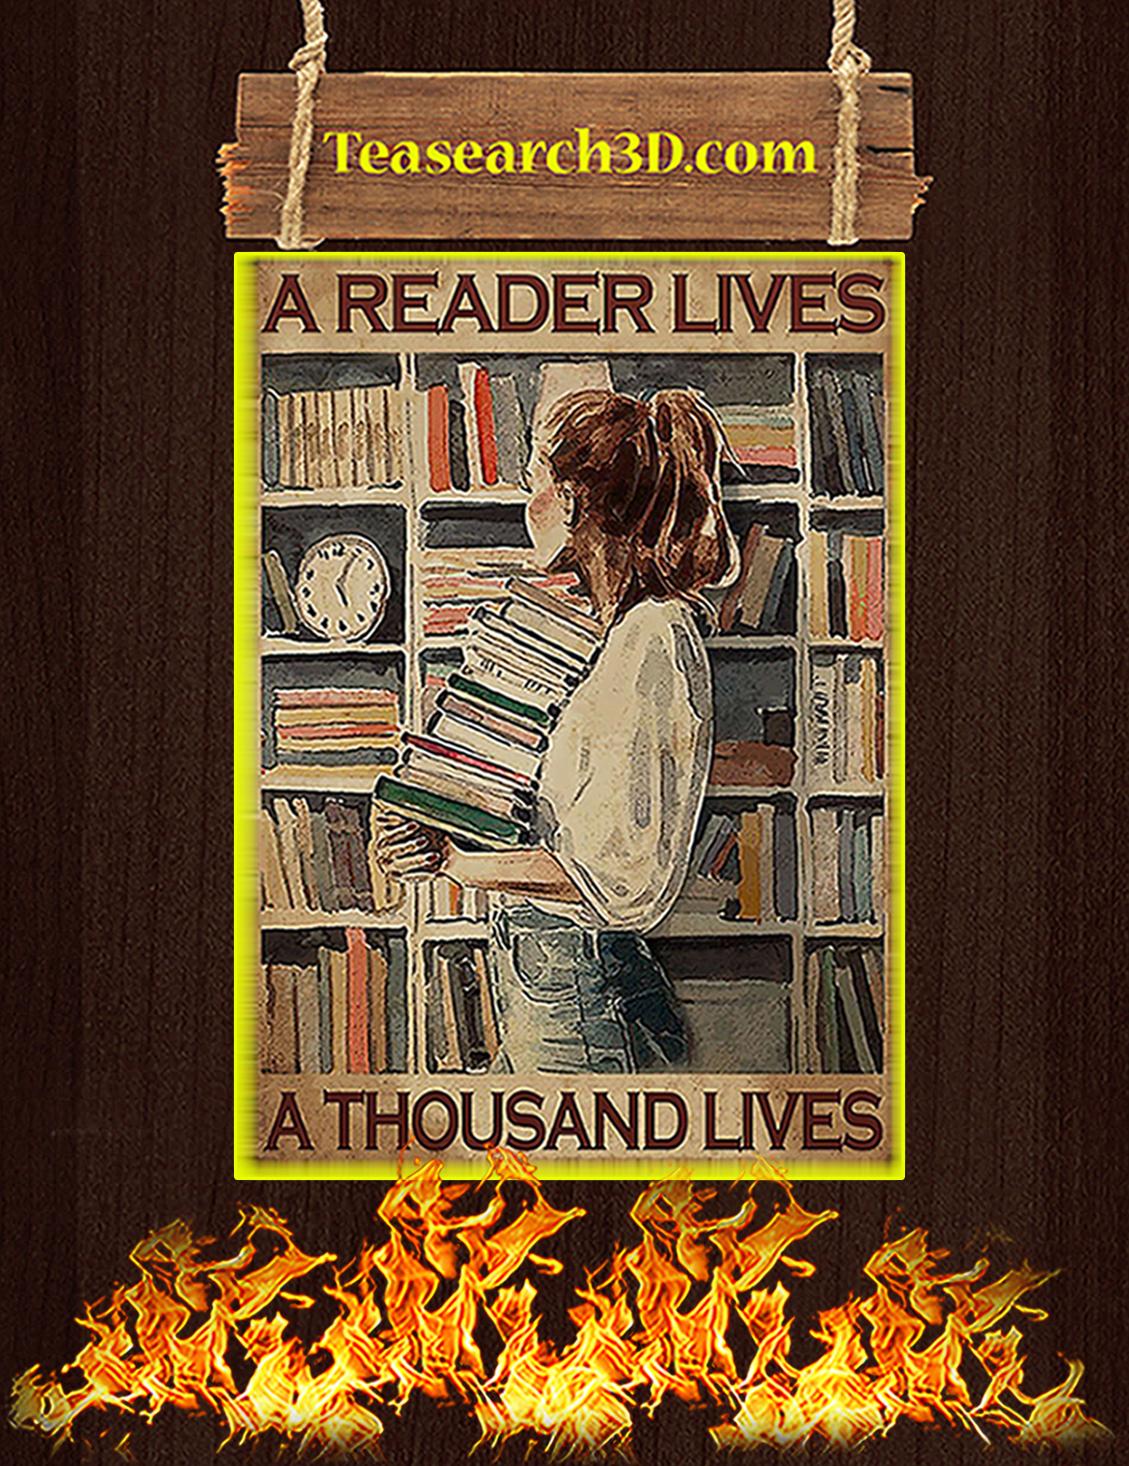 A reader lives a thousand lives poster A3